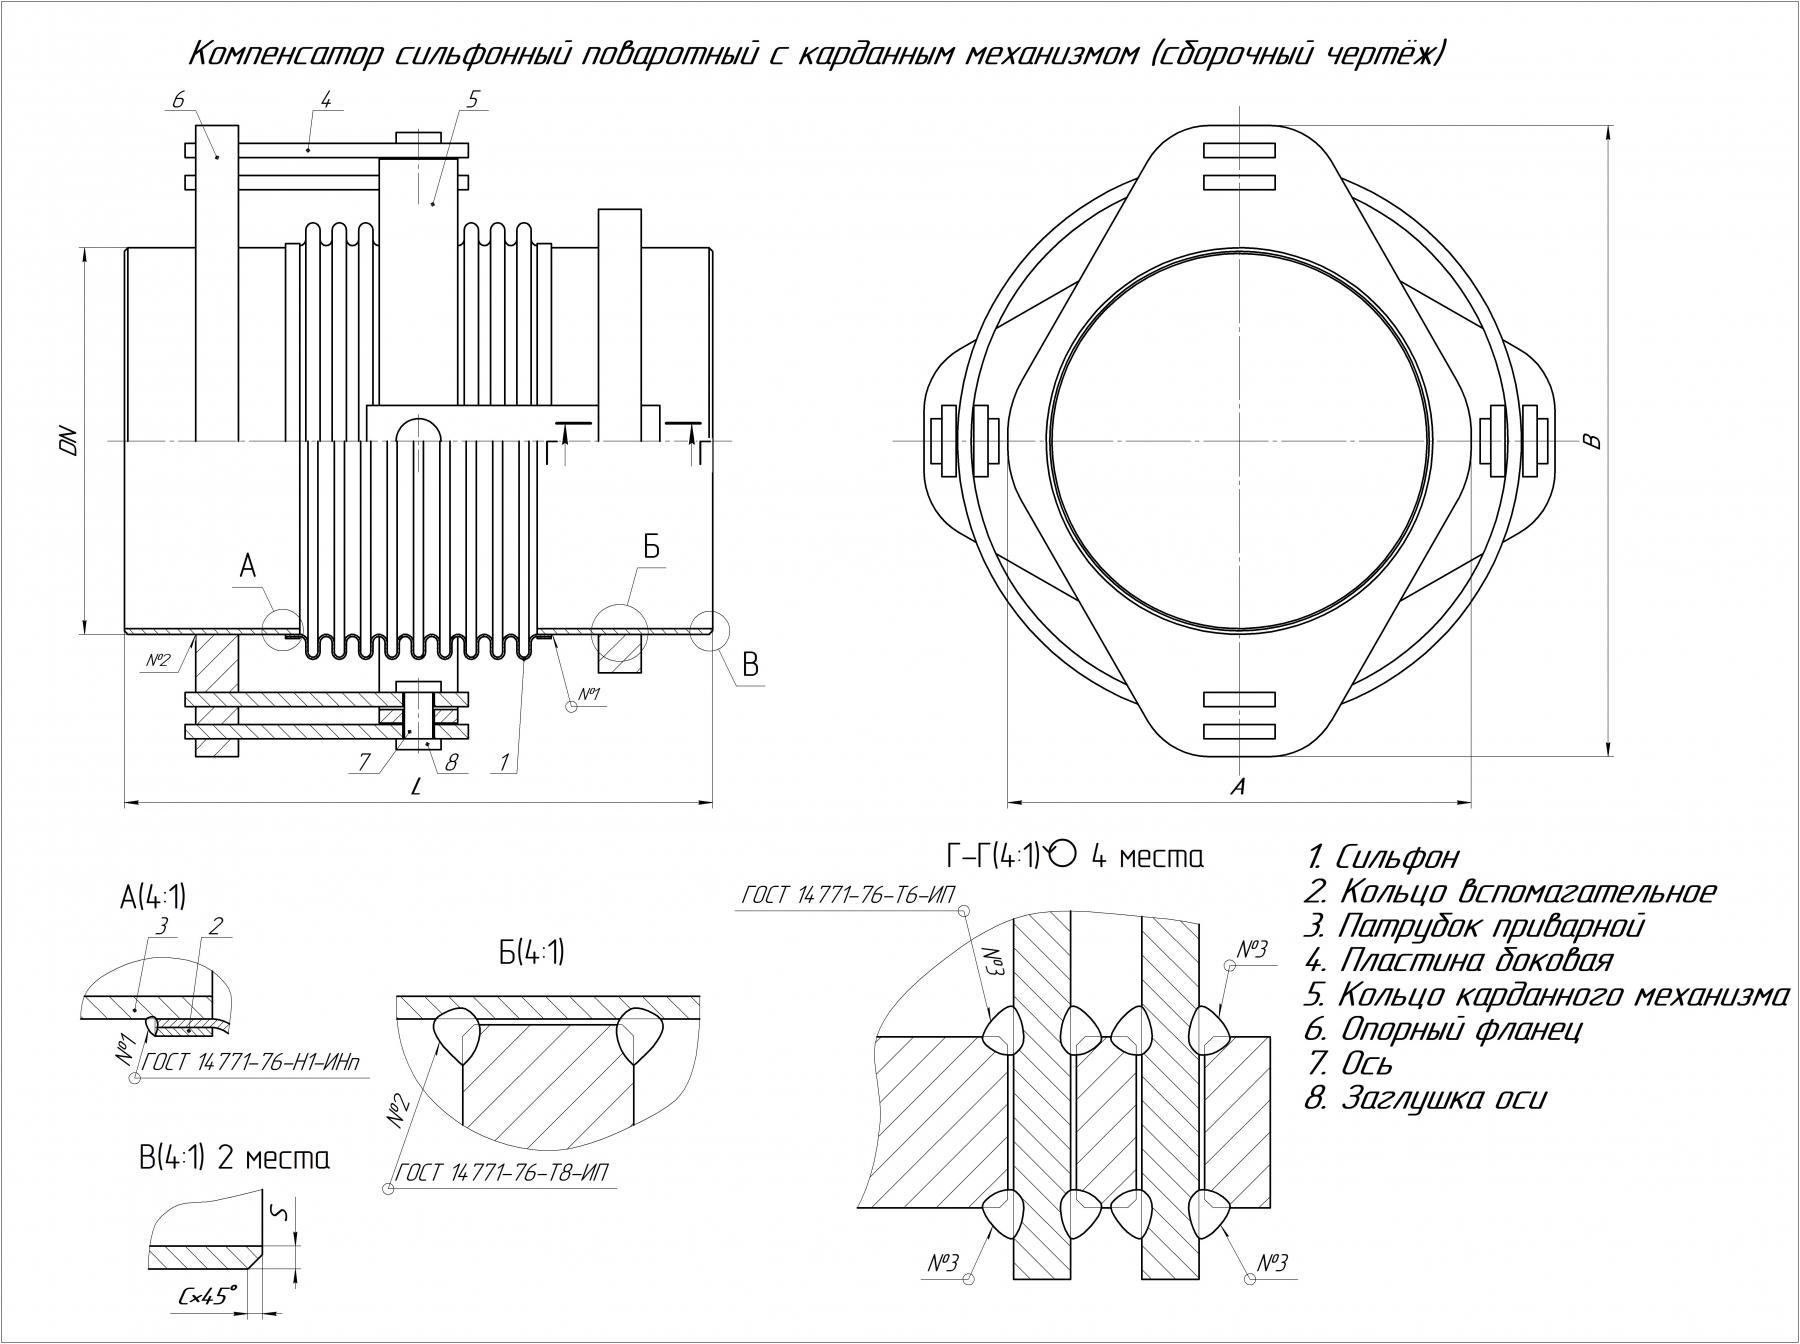 Компенсатор поворотный карданный КСПК